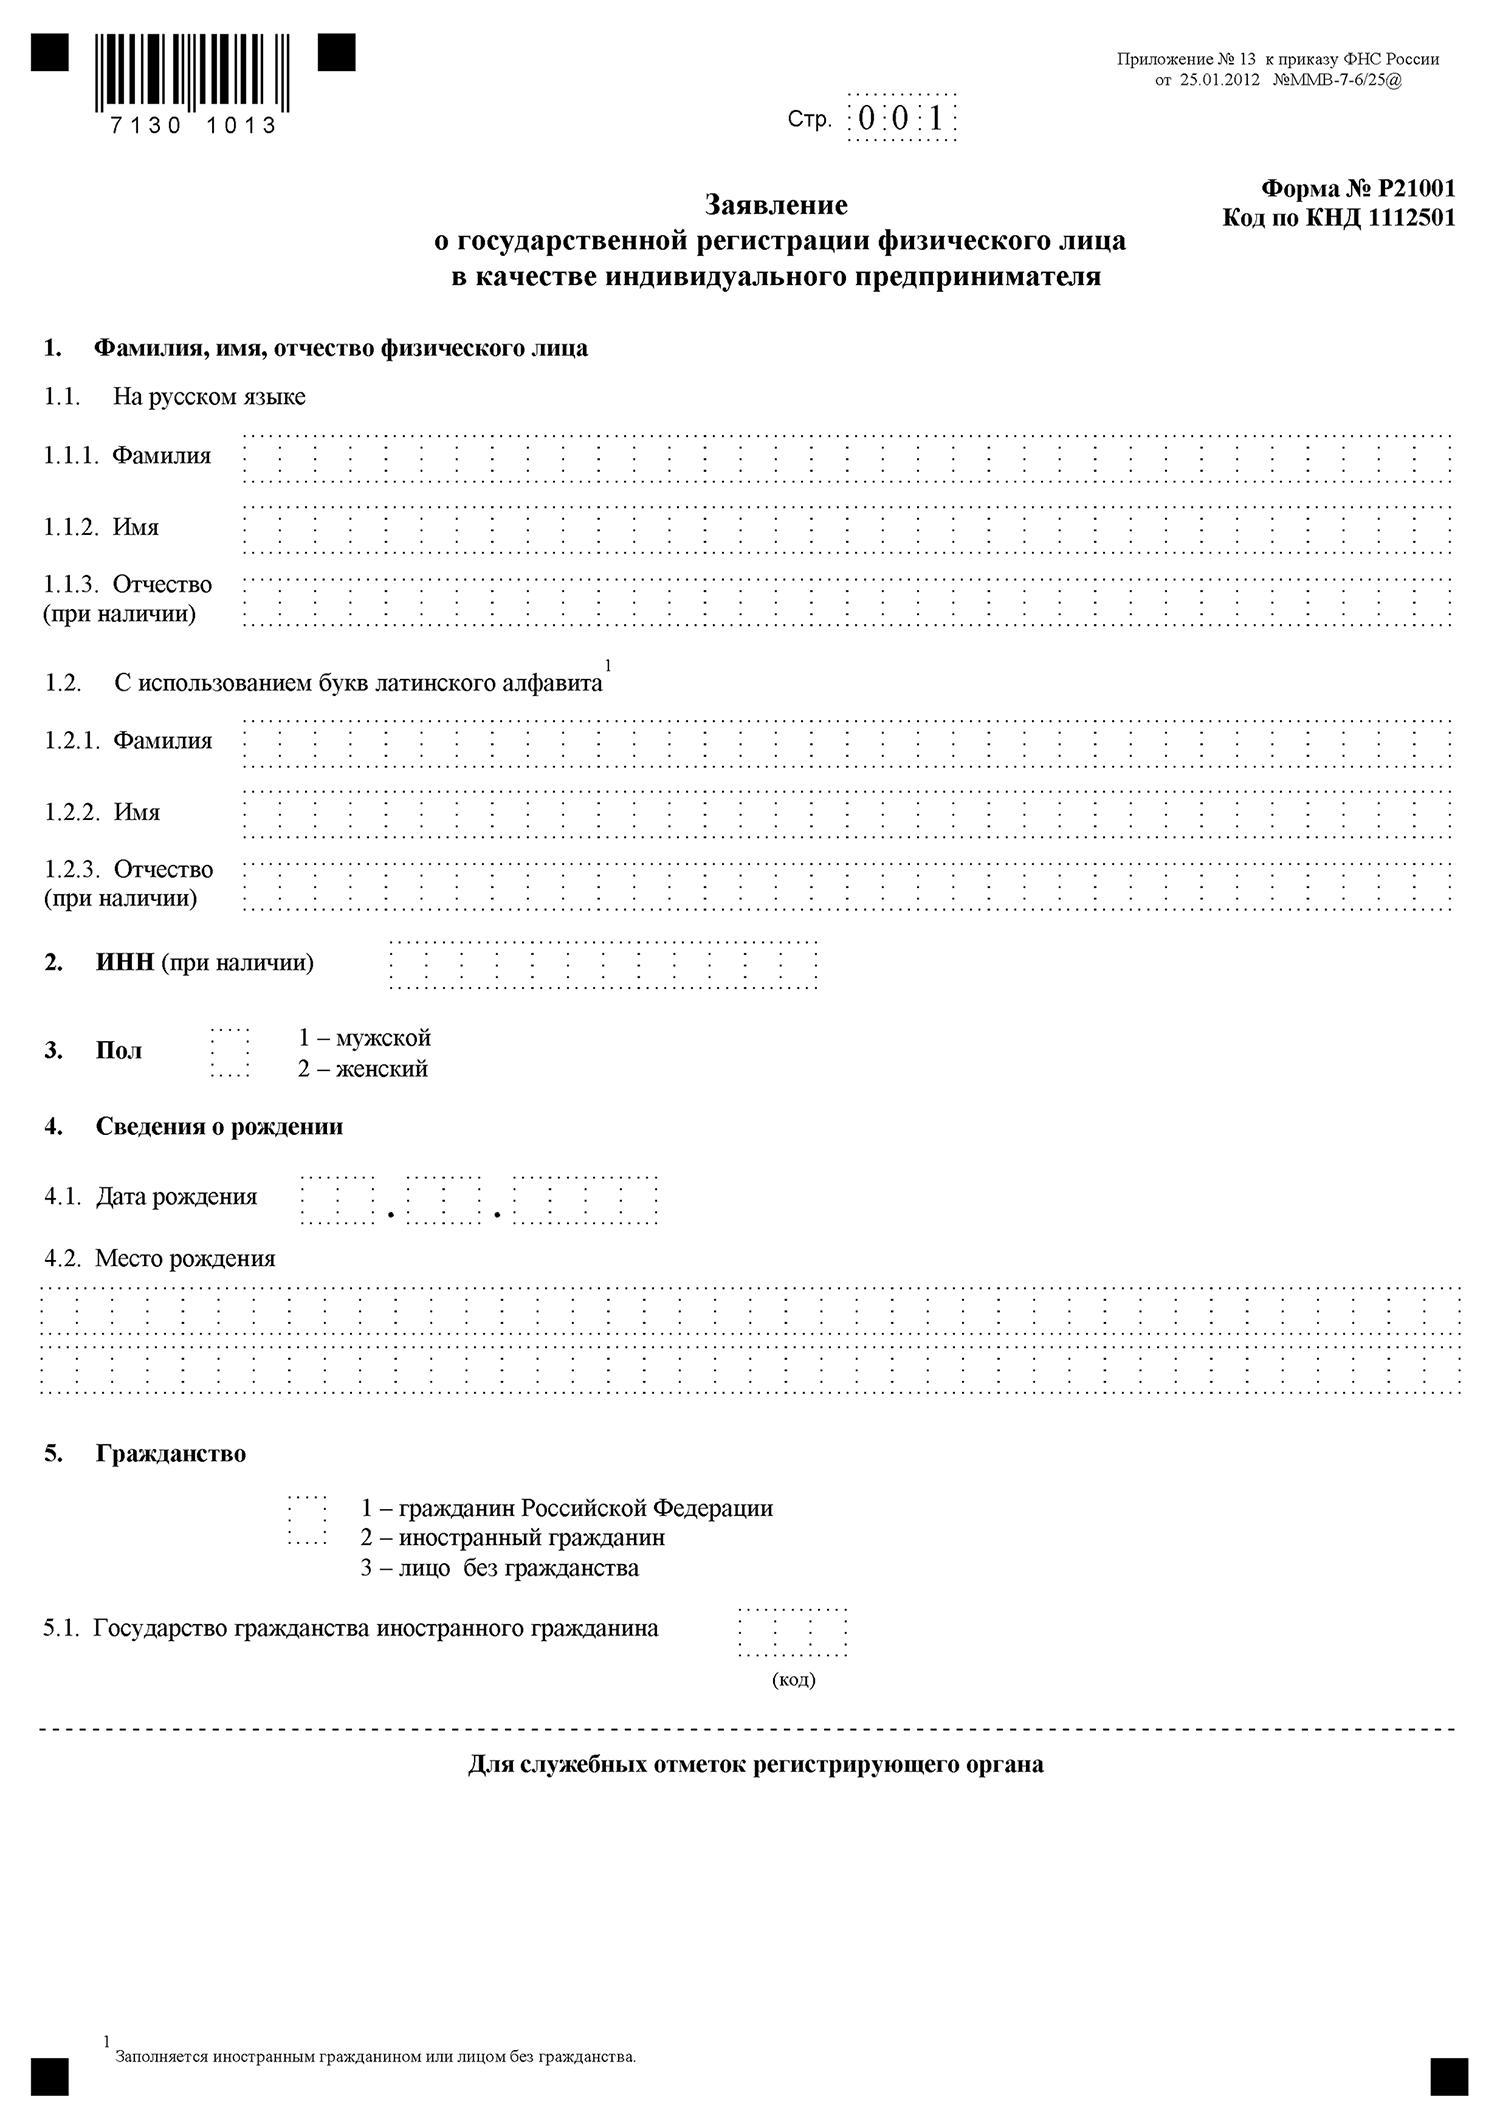 как получить уведомление о регистрации ип в пф